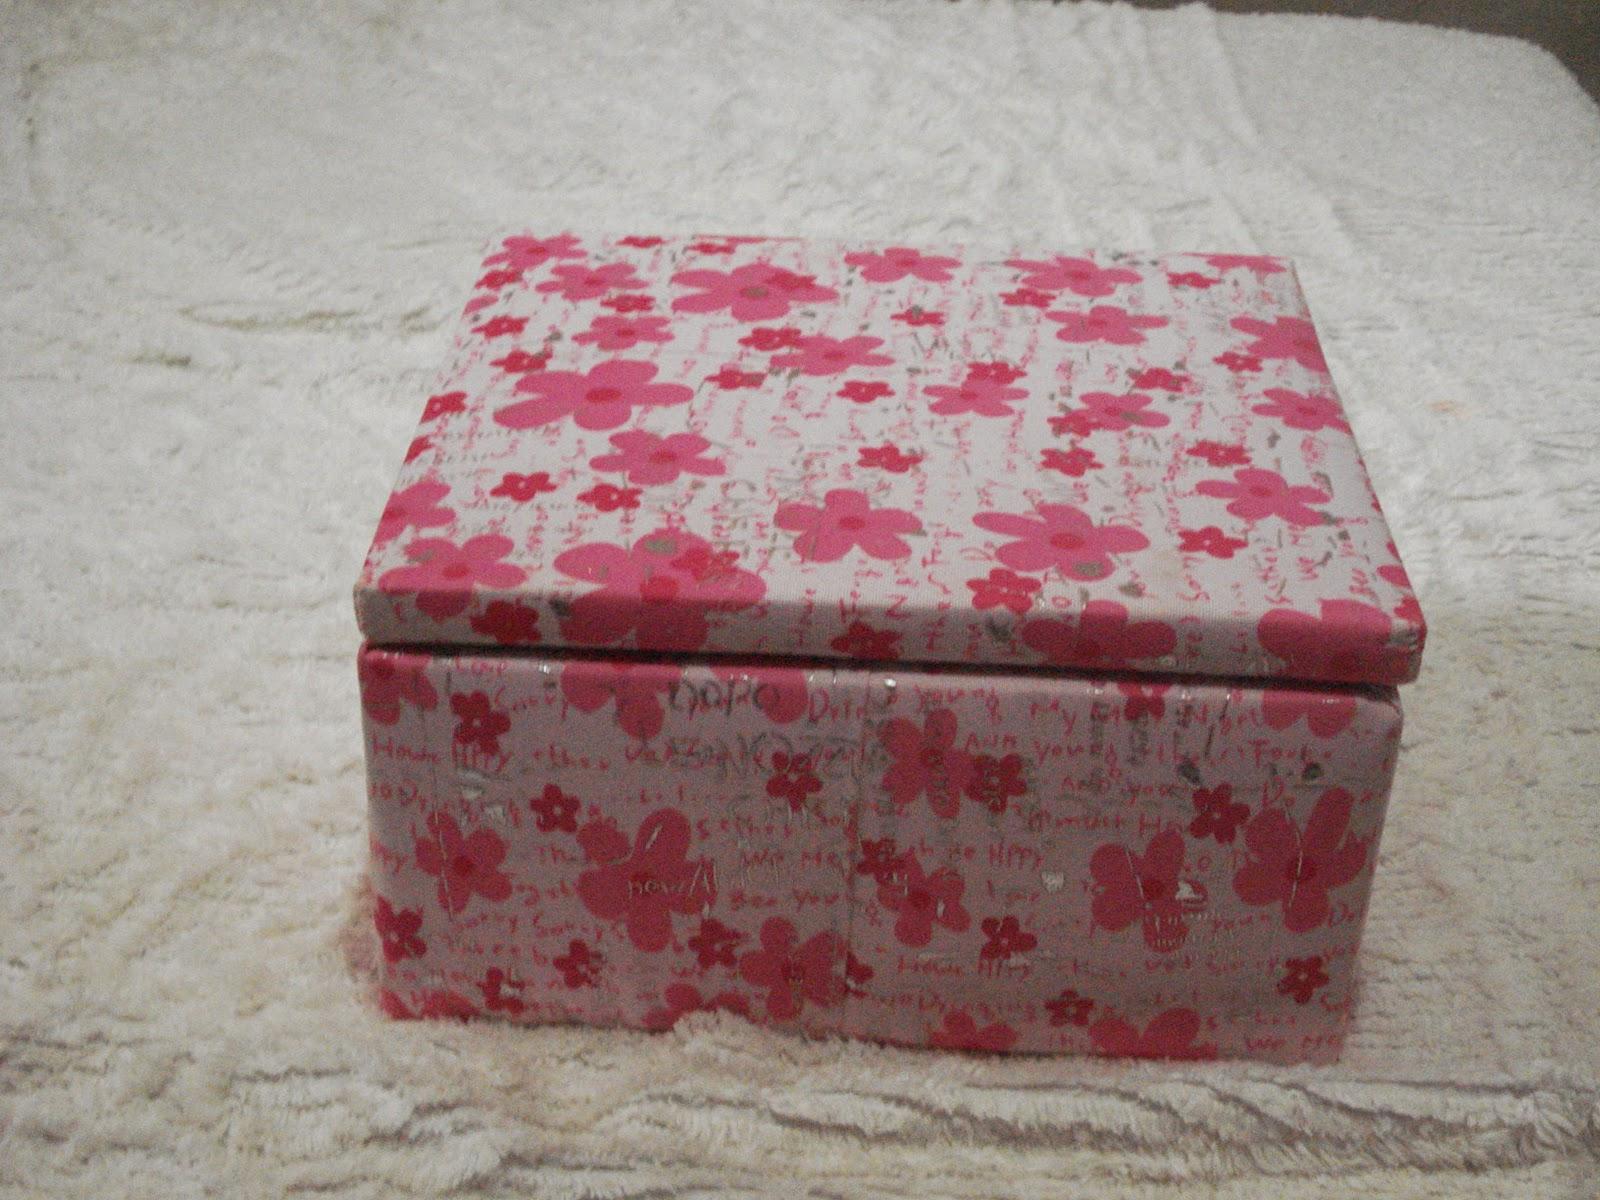 Cia.: caixas decoradas de madeira com camursa ou outros tecidos #9A3144 1600x1200